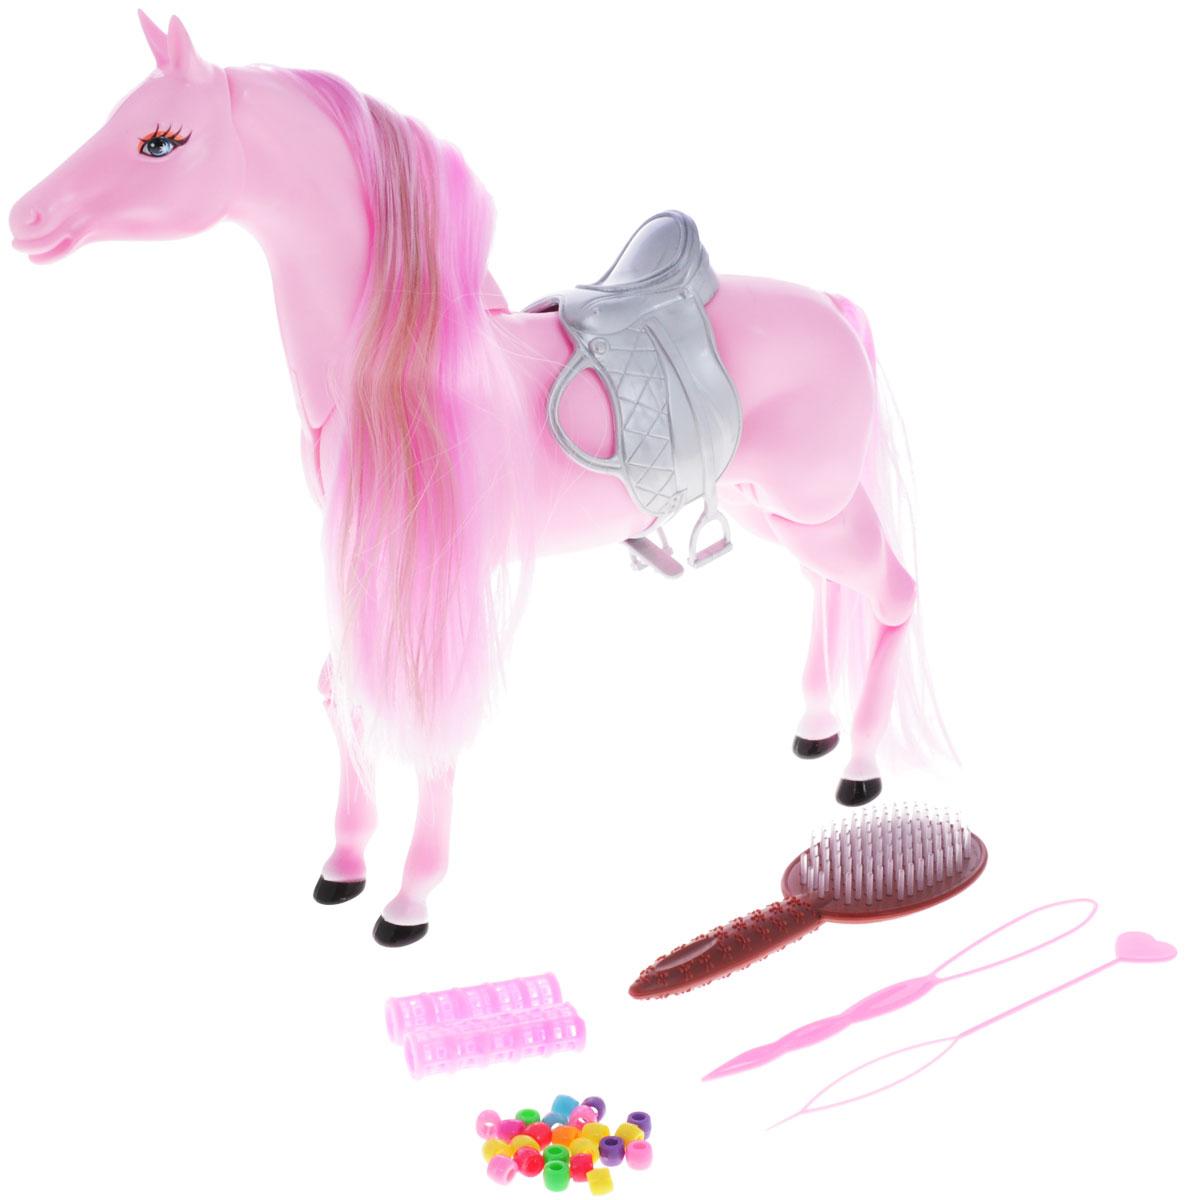 Defa Игровой набор Лошадь цвет розовый8011dИгрушка Defa Лошадь станет отличным подарком для девочки, ведь ни одна принцесса просто не может обойтись без красивой и шикарной лошадки. Розовая лошадка имеет шикарную розовую гриву с бежевой прядью, и длинный хвост, которые нуждаются в постоянном уходе. Для ухода за волосами лошадки и создания причесок в комплекте идут разнообразные украшения для волос, расческа, бигуди, 2 специальных инструмента. Цвет волос лошадки меняется под воздействием теплого воздуха, для этой цели можно использовать обычный фен. Голова, шея, конечности лошадки подвижны. Розовая пластмассовая лошадка Defa станет верным другом для каждой маленькой принцессы и сможет сделать любую игру более яркой и интересной. Теперь никто не будет скучать, и каждый ребенок вместе с родителями сможет увлеченно играться целыми часами и не терять интерес к новой игрушке. Ваша малышка будет проводить многие часы за игрой с лошадкой. Сделайте ей такой замечательный подарок!